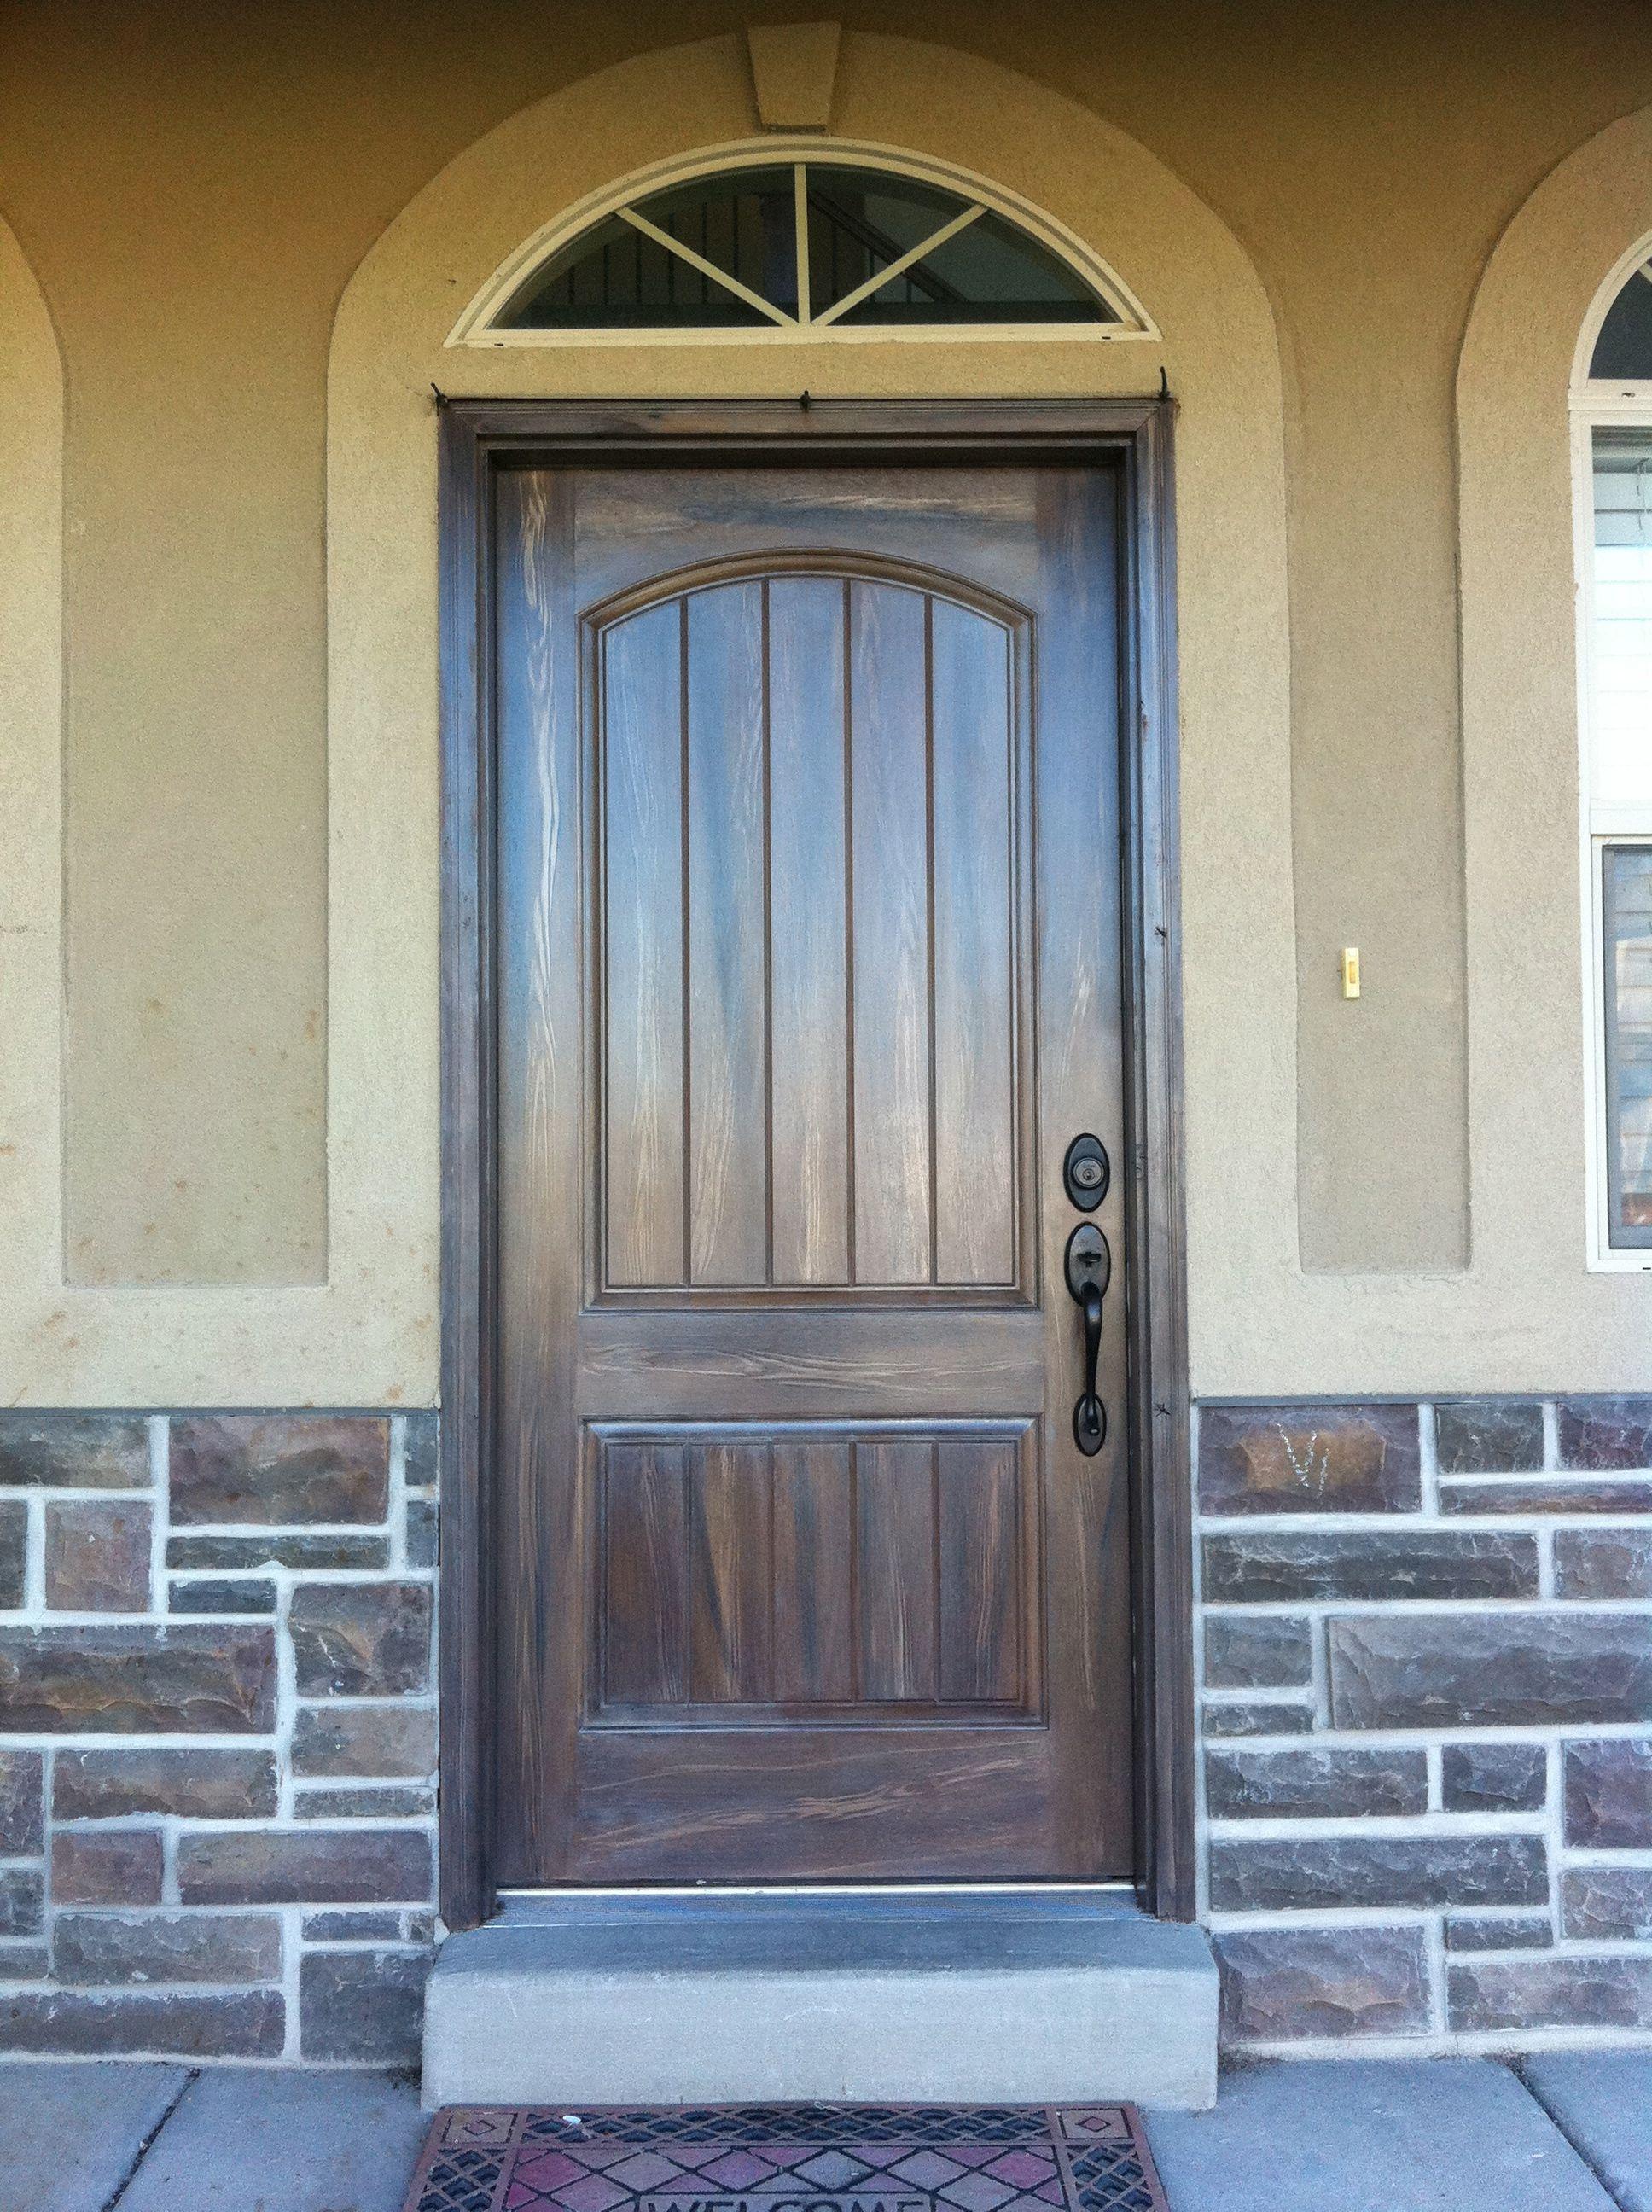 Exterior Fiberglass Doors That Have Been Wood Grained Or